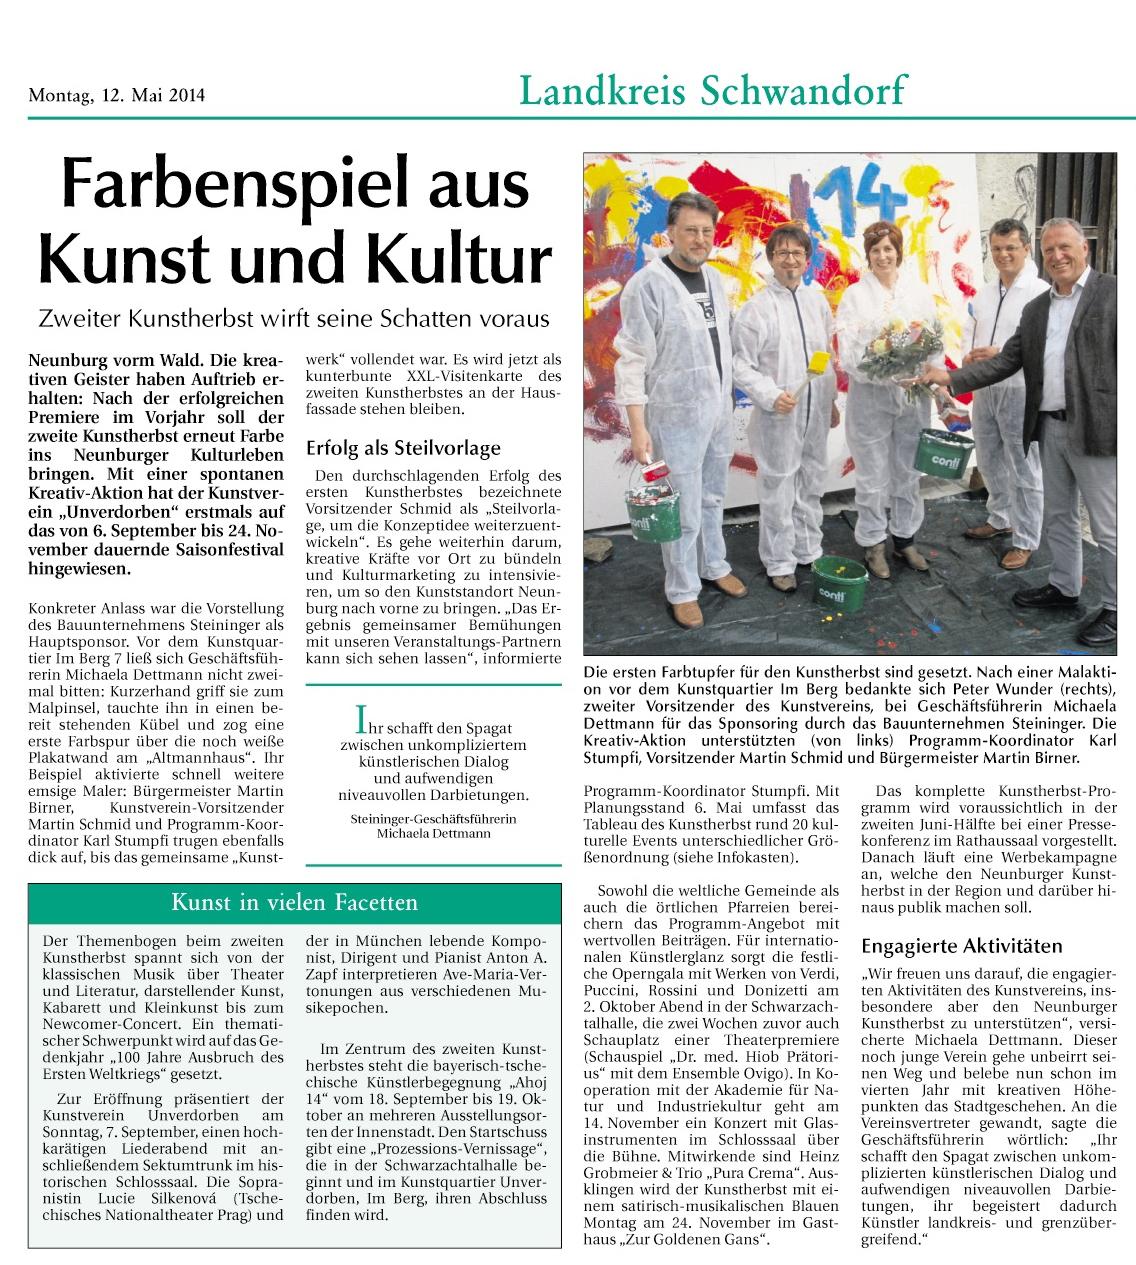 Der Neue Tag berichtet über die Sponsorenvorstellung 2. NEUNBURGER KUNSTHERBST